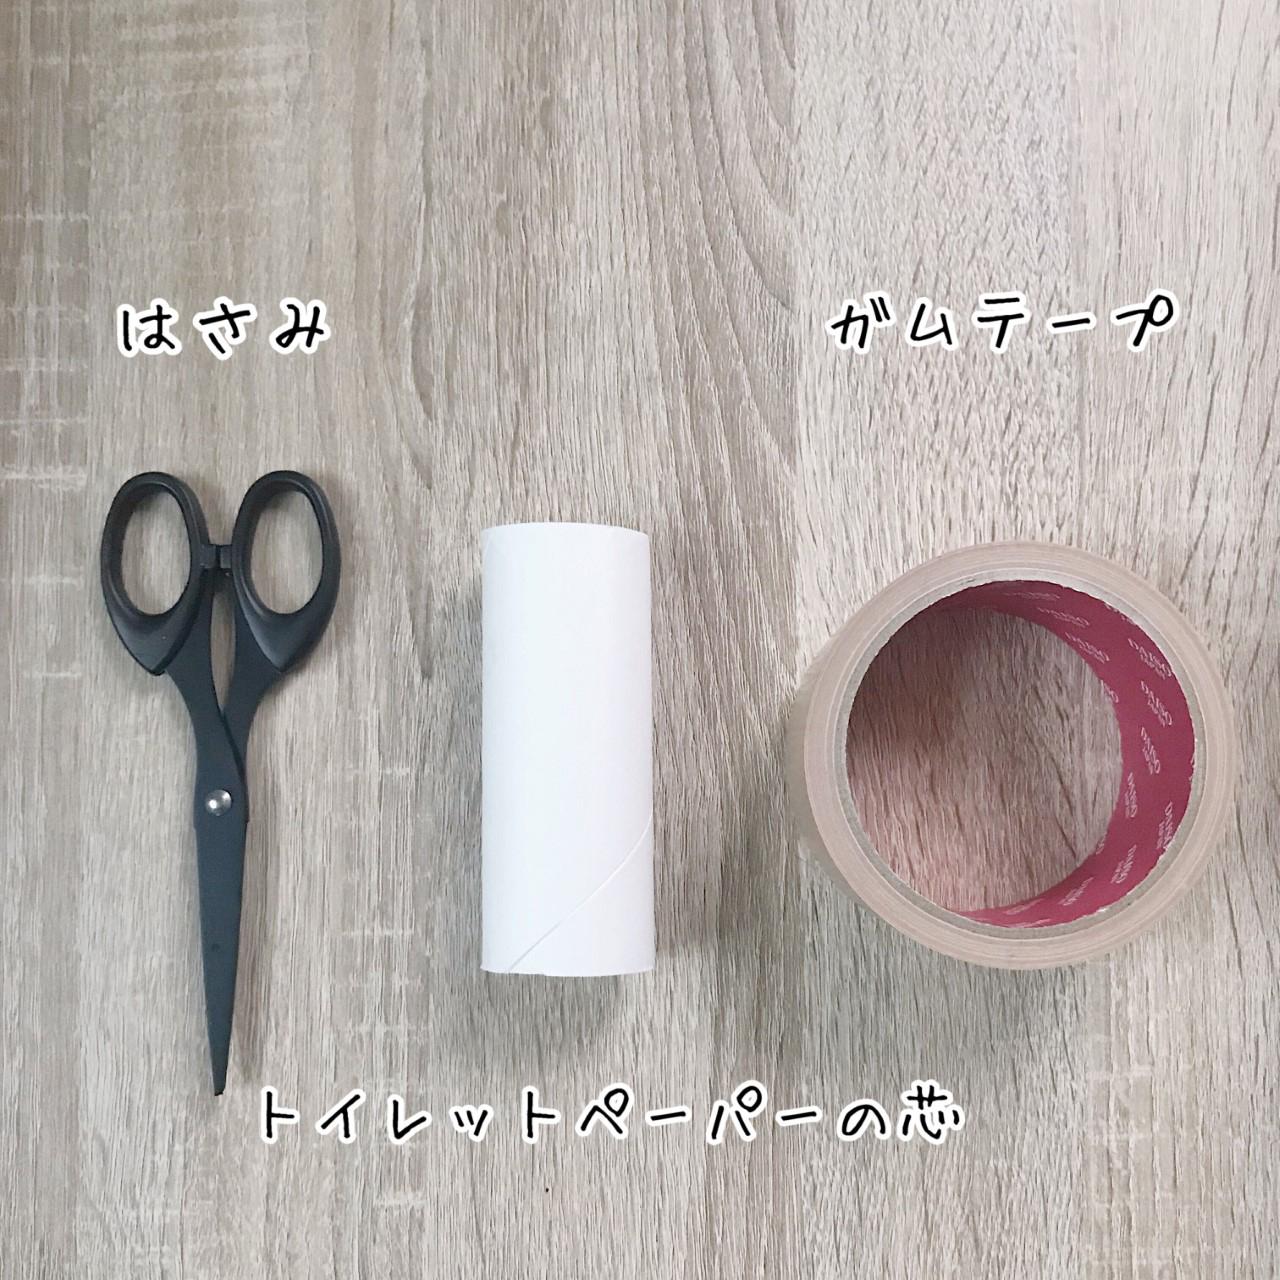 の トイレット 芯 チャレンジ ペーパー